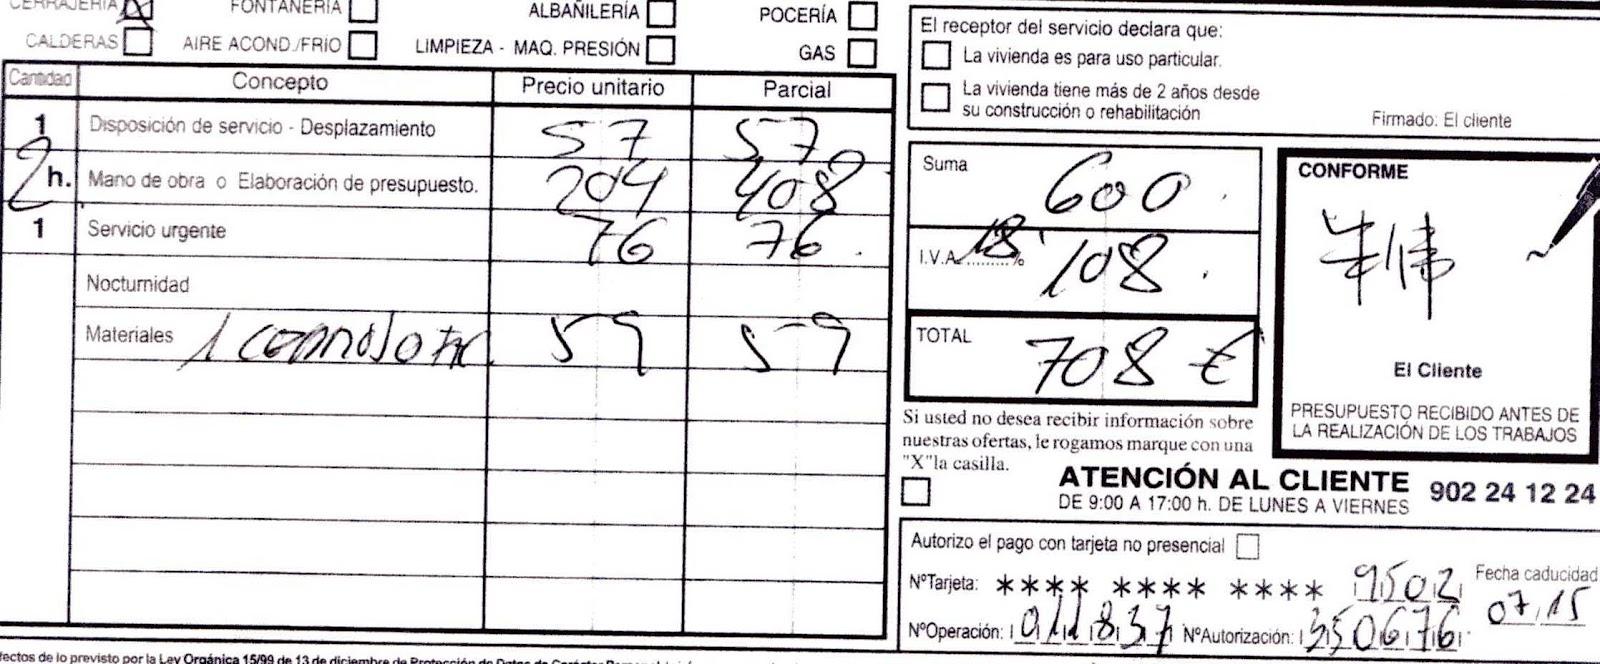 La factura del cerrajero de urgencia caminando por madrid for Cerrajeros de urgencias madrid